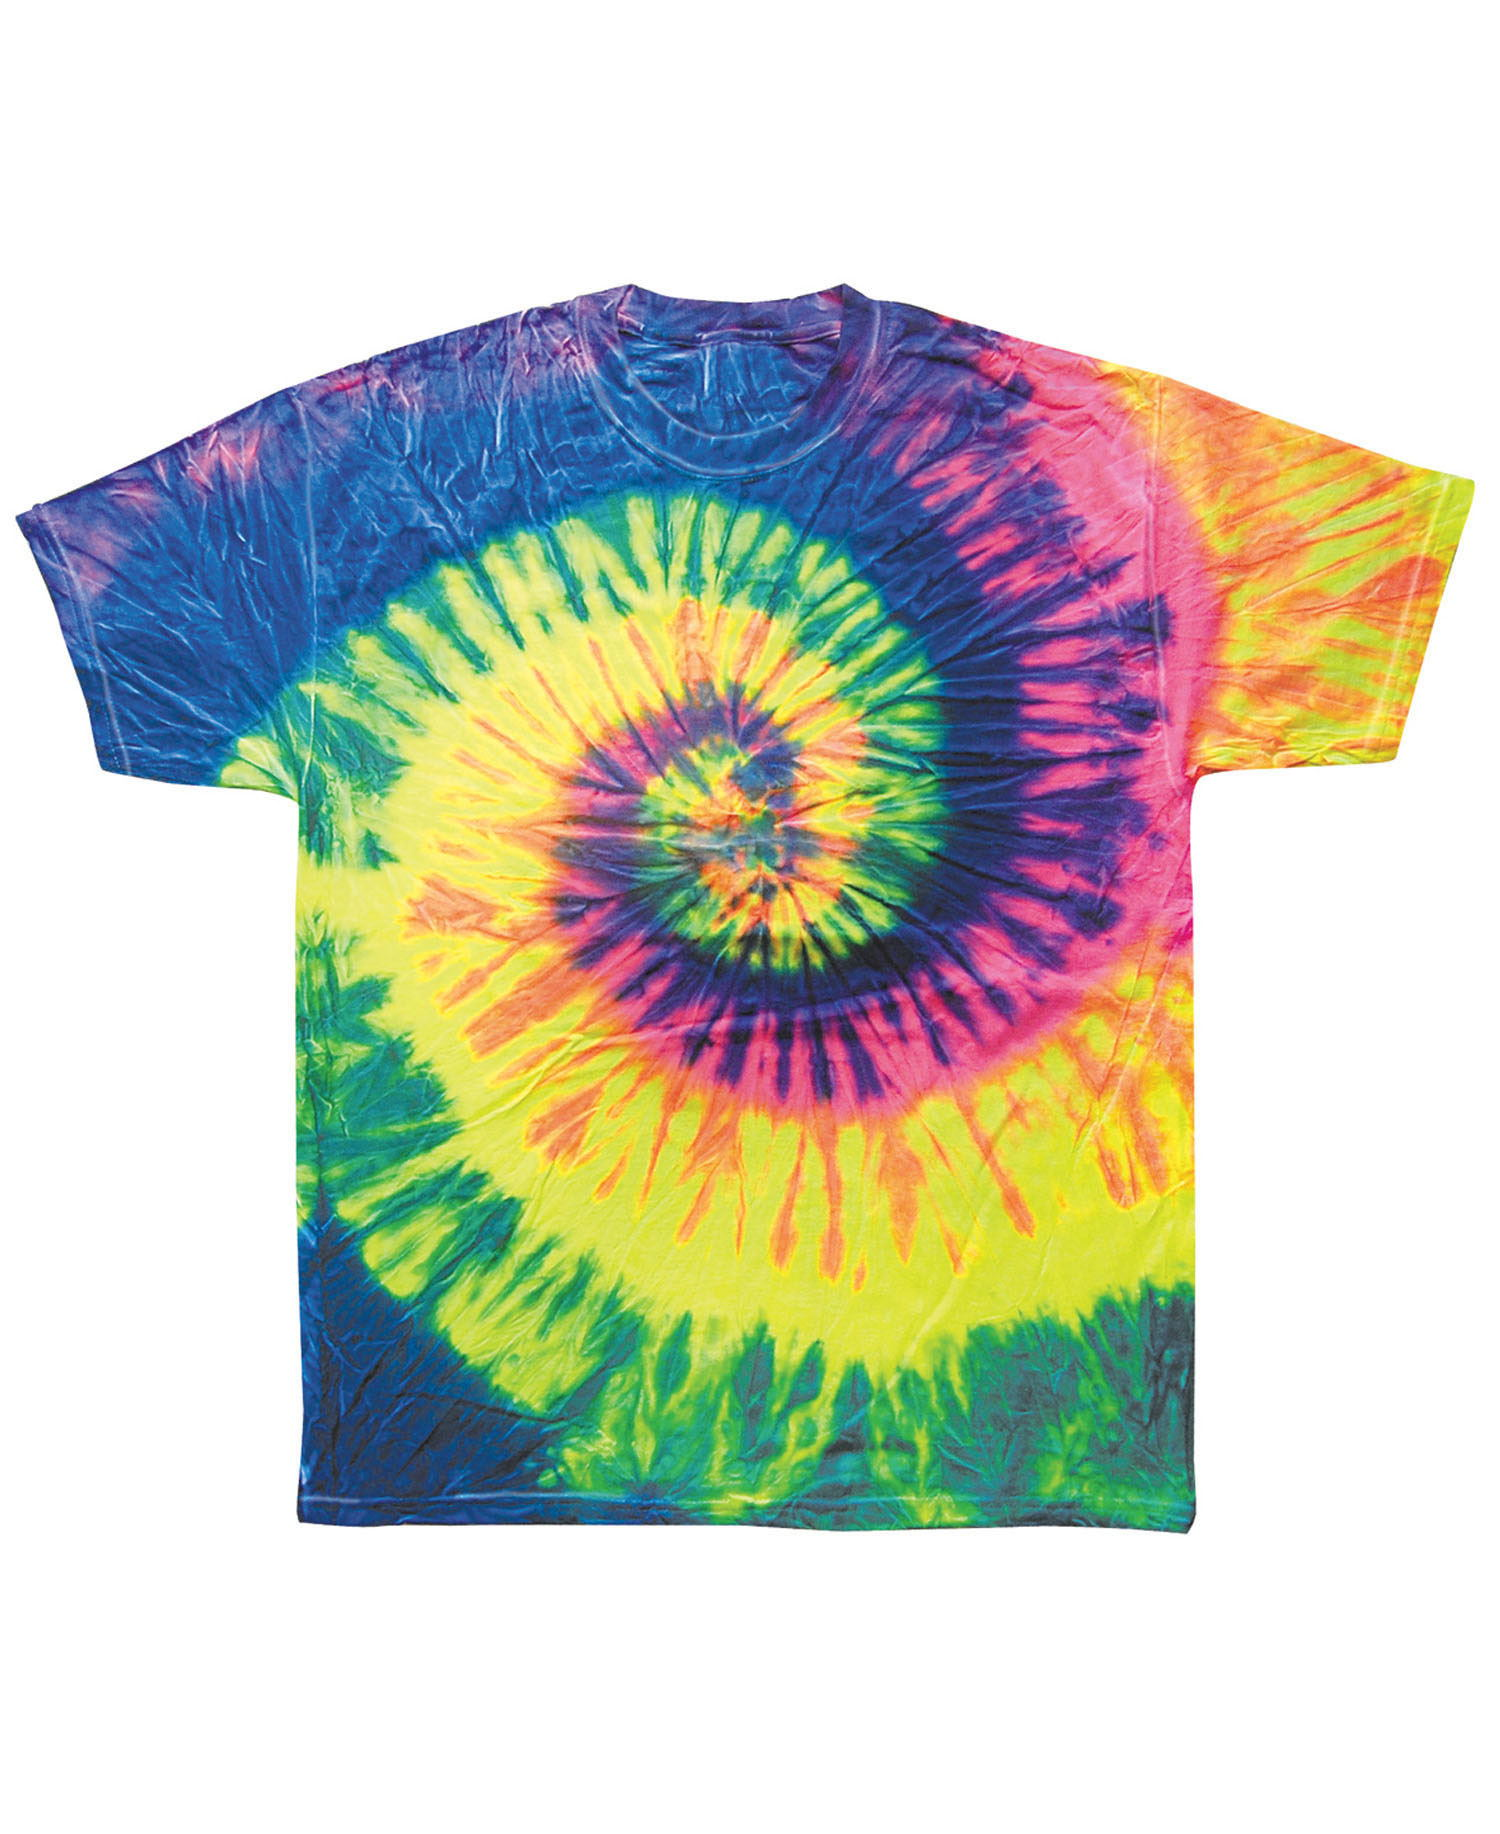 Colortone - T355P Adult Neon Rainbow Tie Dye Tee